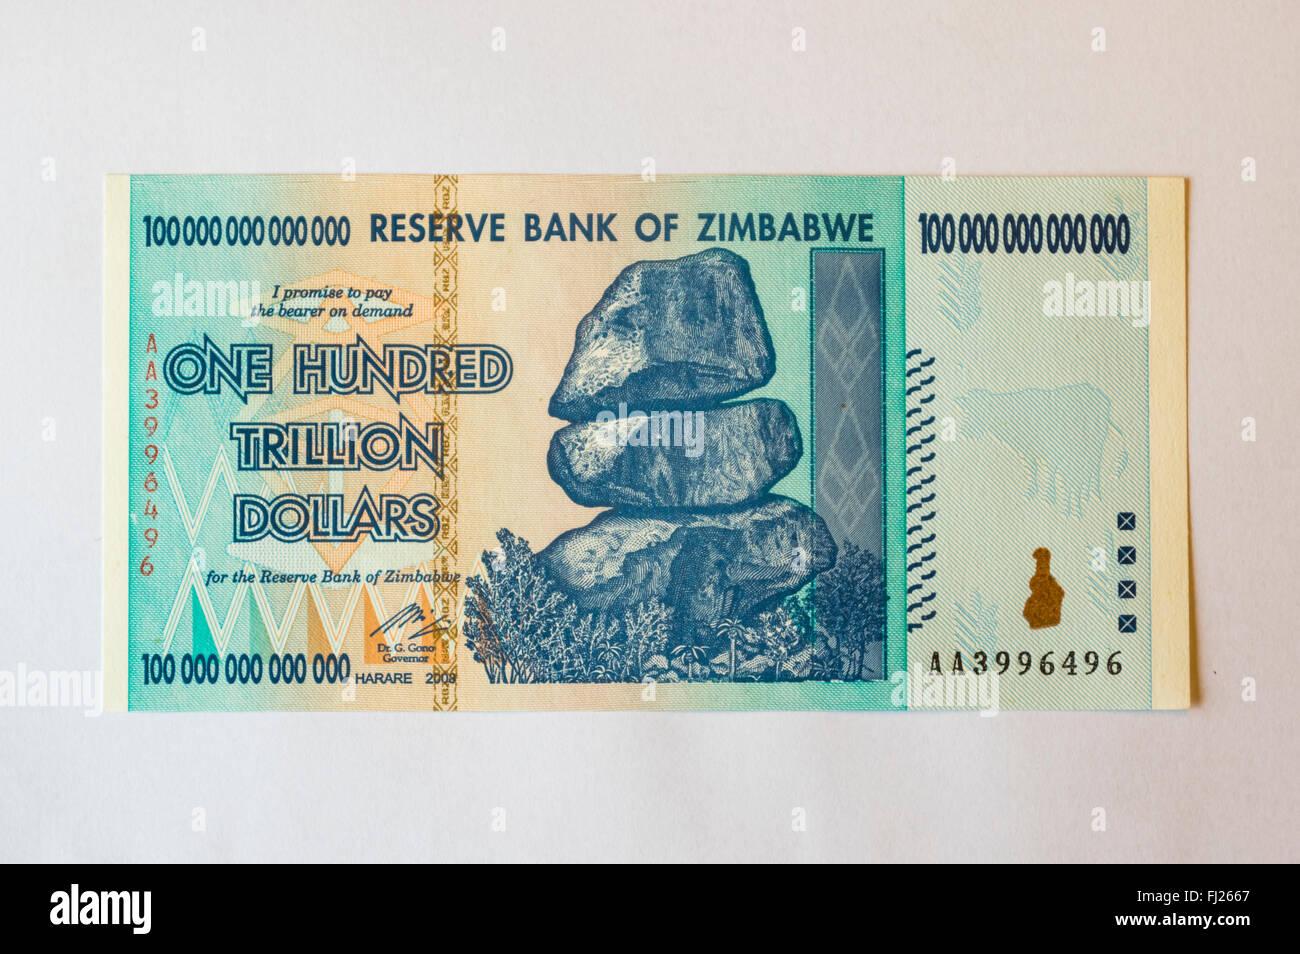 Un centinaio di trilioni di dollari banconote emesse nello Zimbabwe nel 2008, sul culmine di iperinflazione. Sfondo Immagini Stock